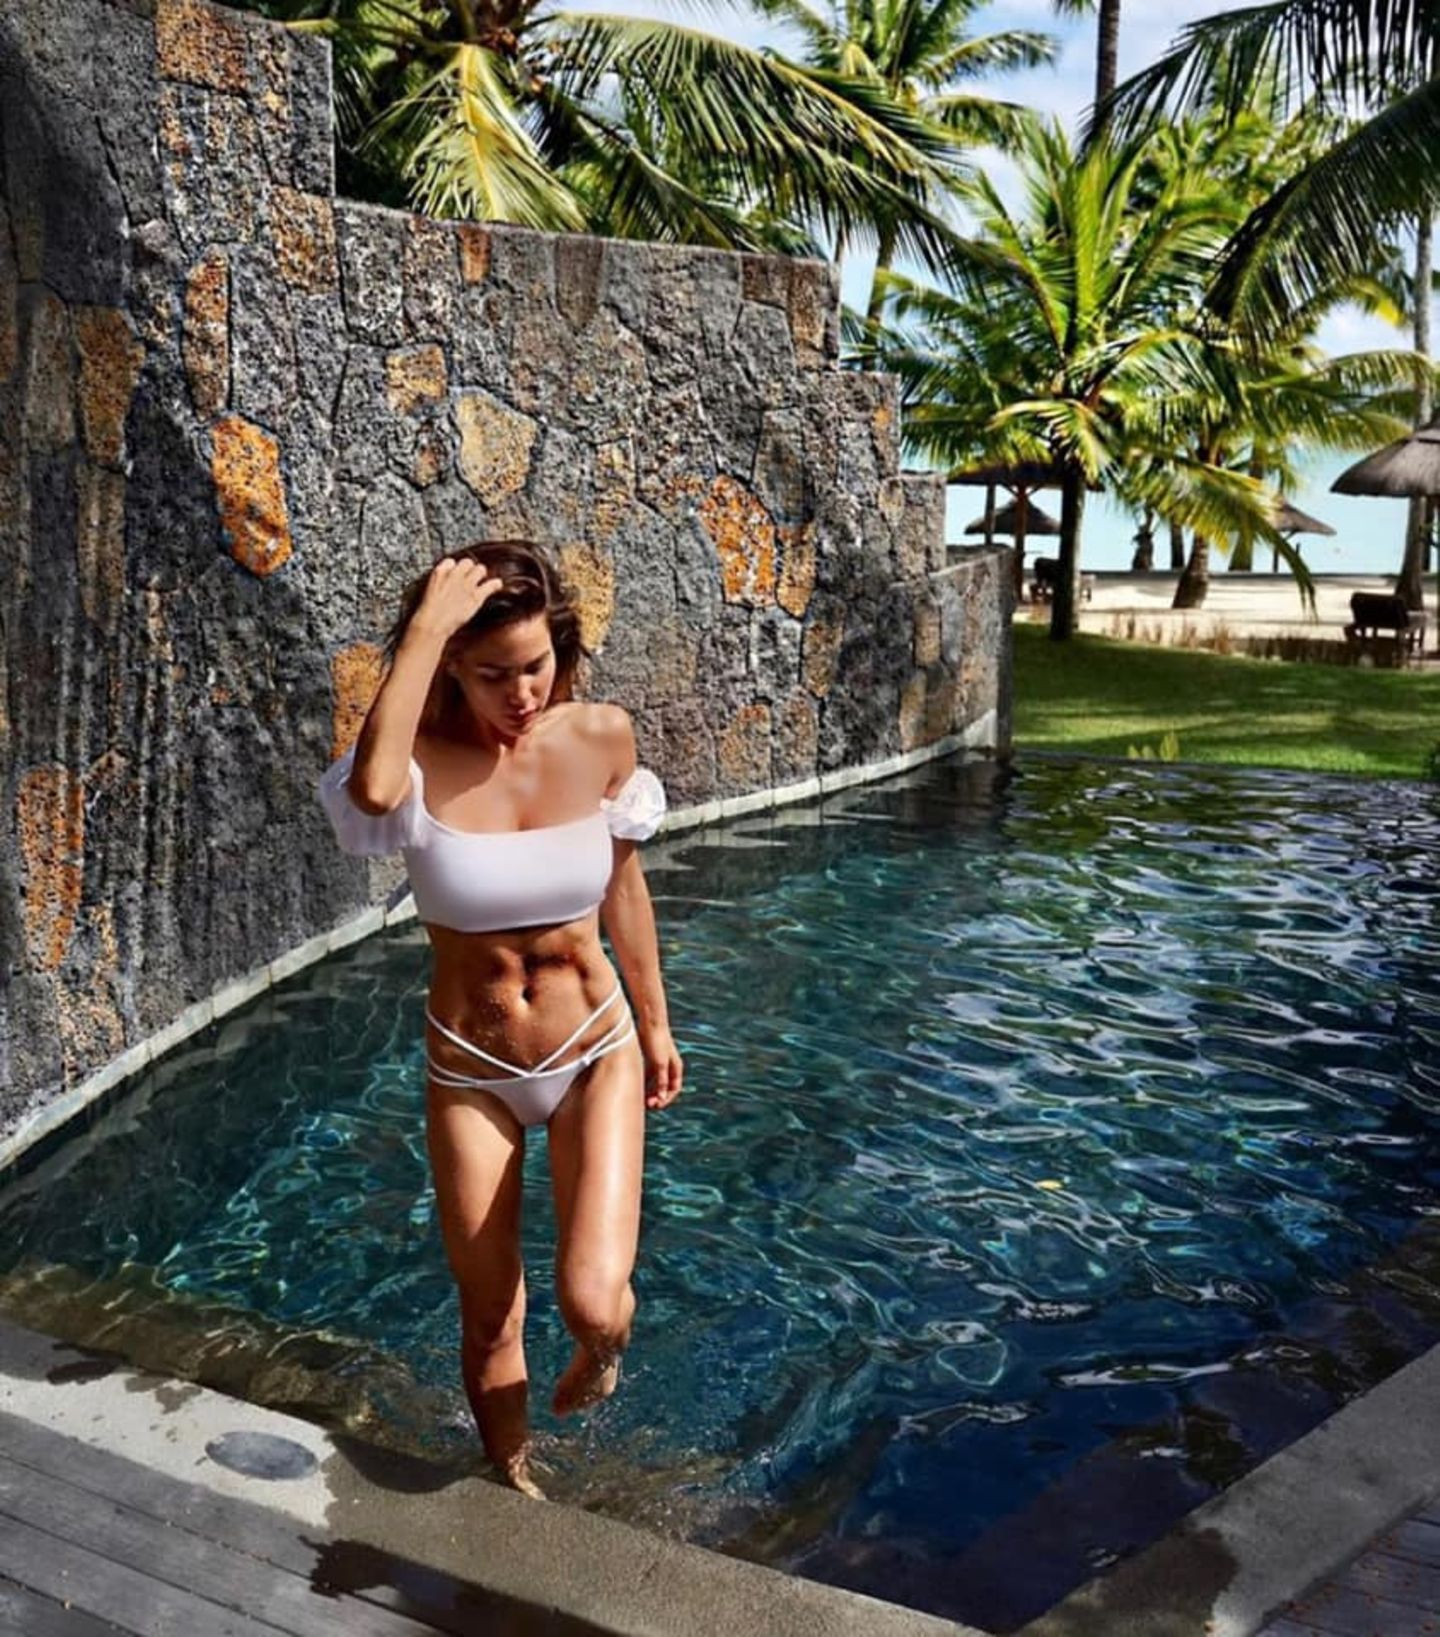 Steinhart wie die Wand im Hintergrund ist mittlerweile auch der Bauch von Angelina Heger, die seit einigen Monaten stark an ihrer Figur arbeitet. Um ihre Muskeln nicht zu verbergen, wählt sie einen Bikini statt Badeanzug. Während das Oberteil durch die Bardot-Puffärmel relativ niedlich wirkt, ist das Höschen ein sexy Modell mit Straps.